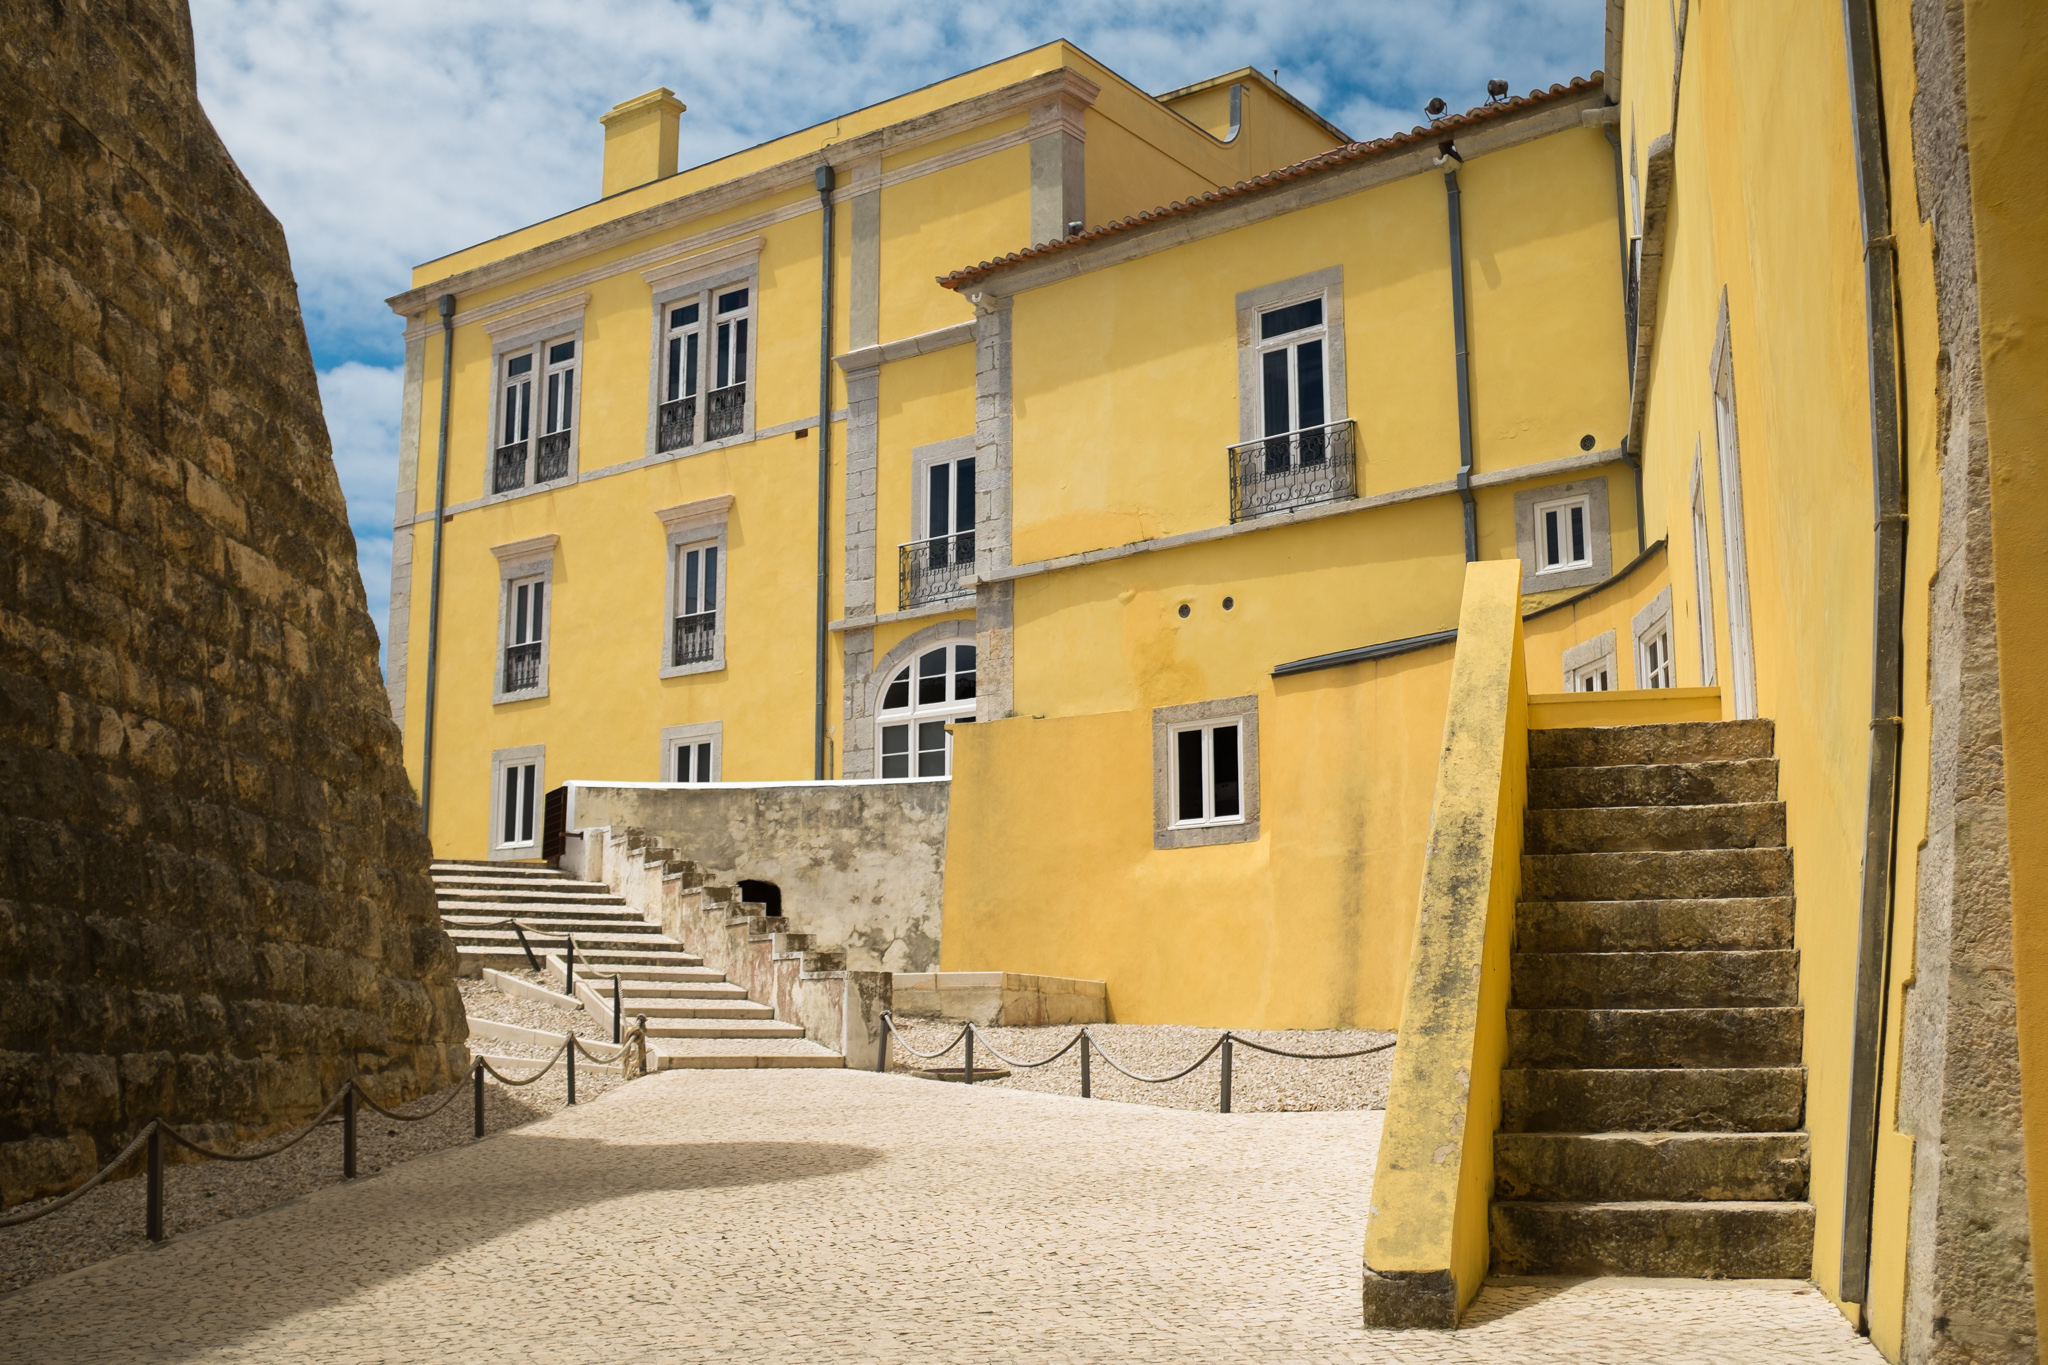 4844-portuguese-architecture-lisbon-porto.jpg